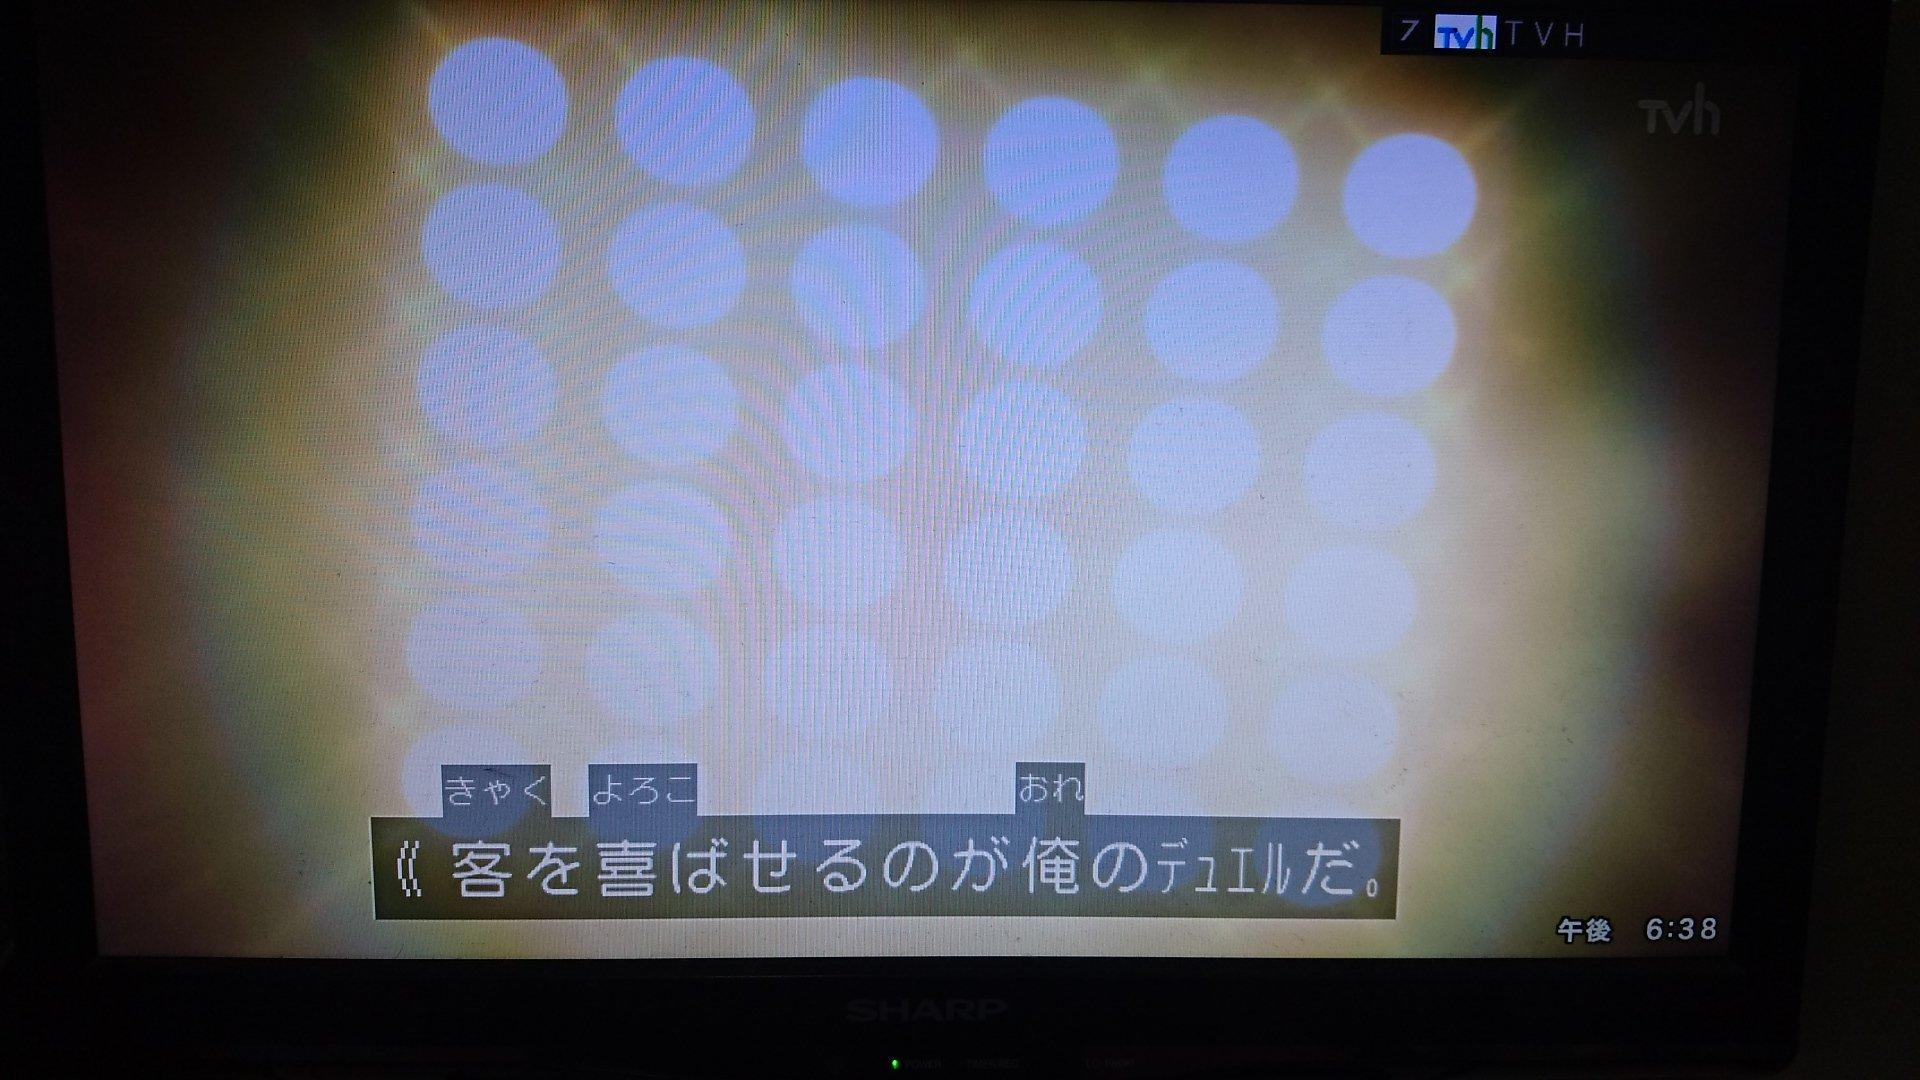 #yugioh #VRAINS  トマト「ちょっ!?」 https://t.co/J4IyJ0BZNM